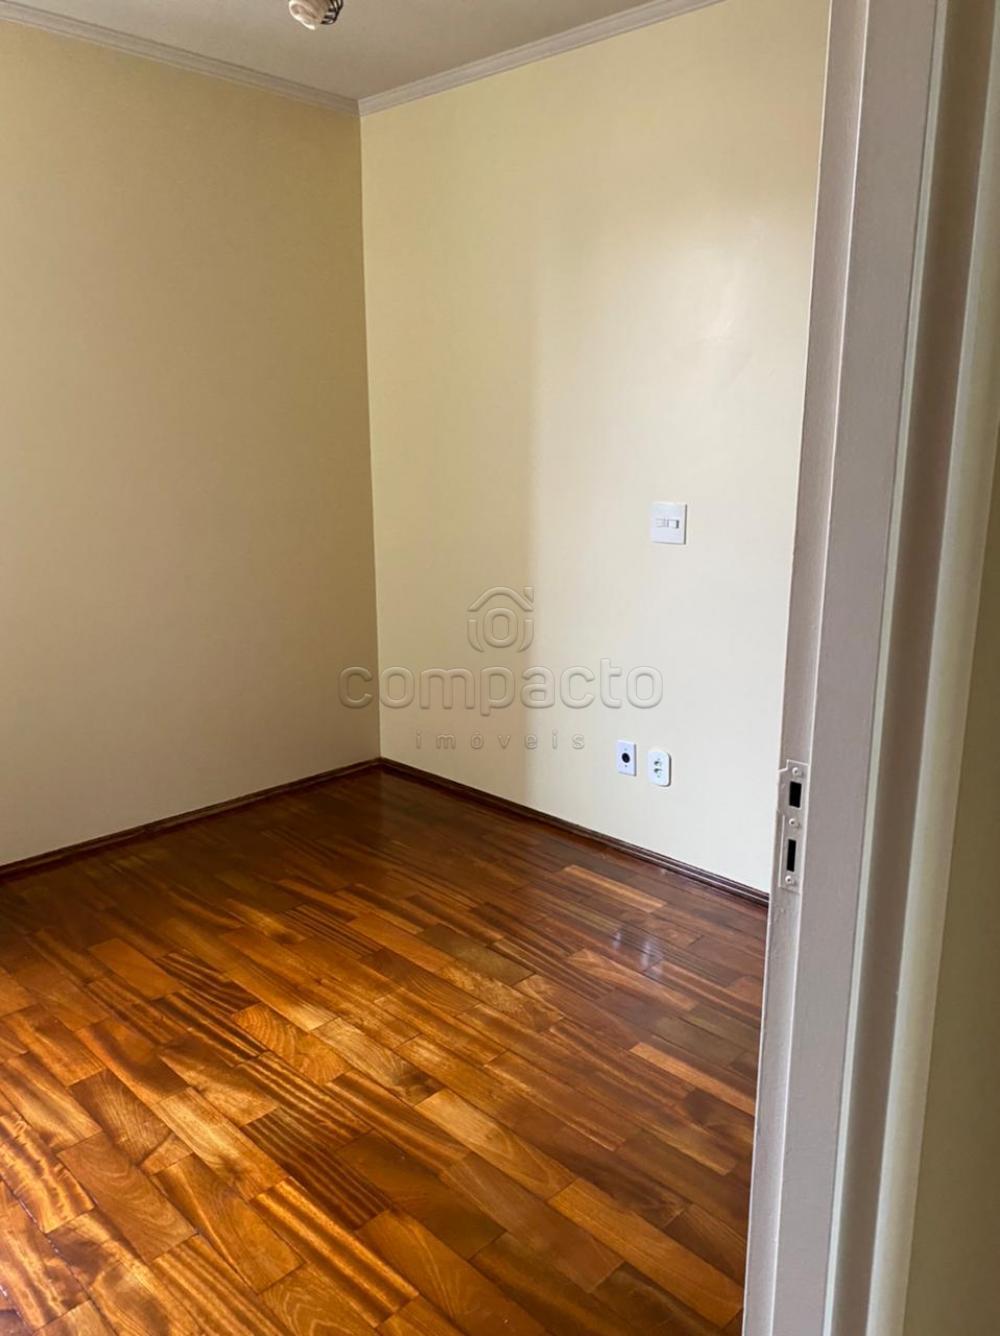 Alugar Apartamento / Padrão em São José do Rio Preto apenas R$ 1.000,00 - Foto 13